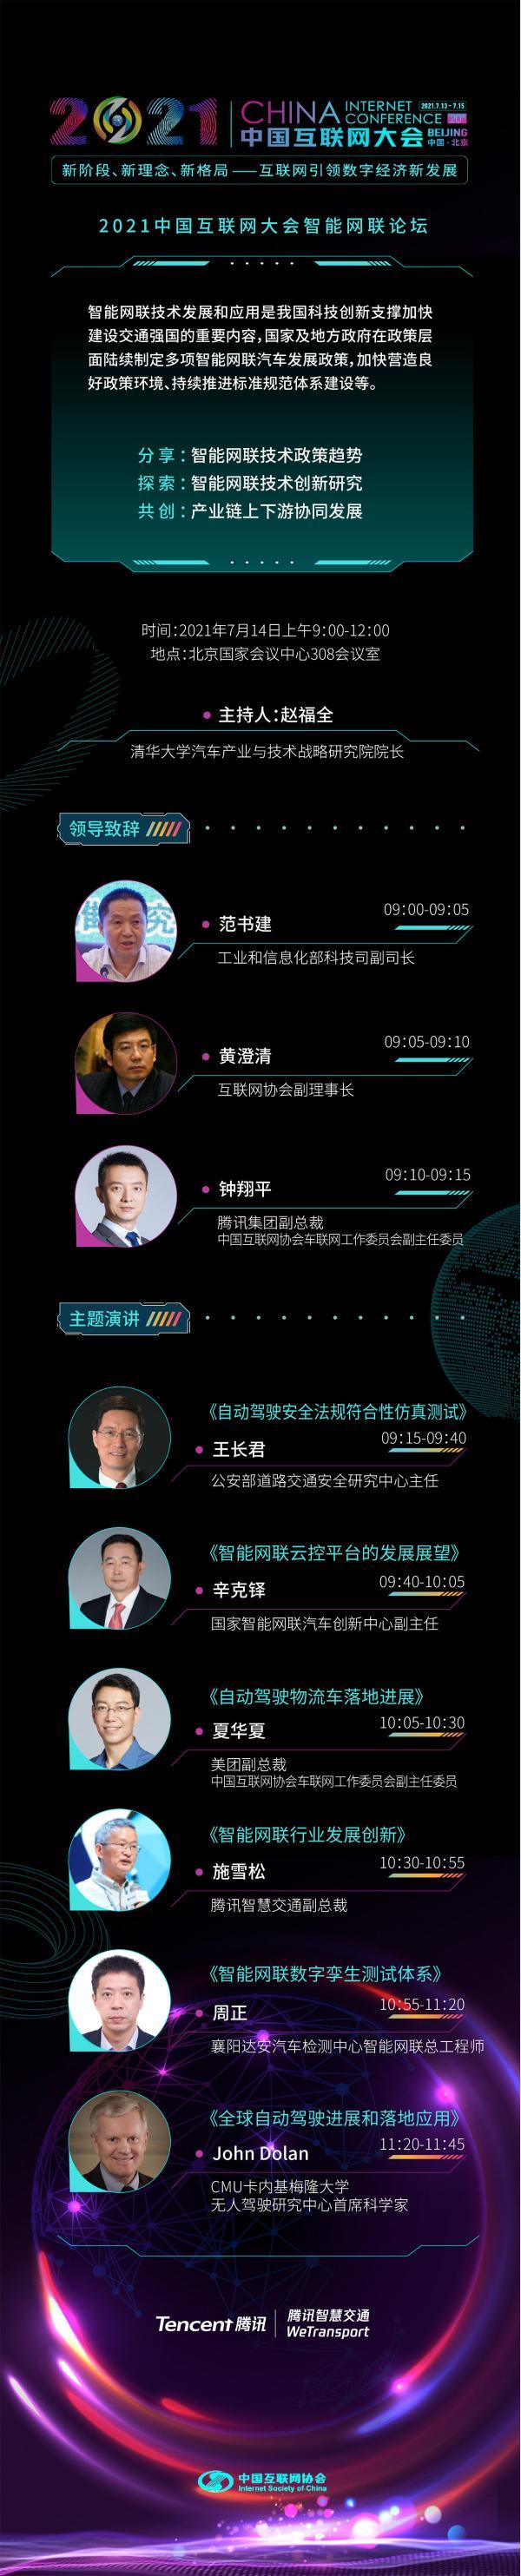 2021中国互联网大会,腾讯等科技力量投入智能网联发展